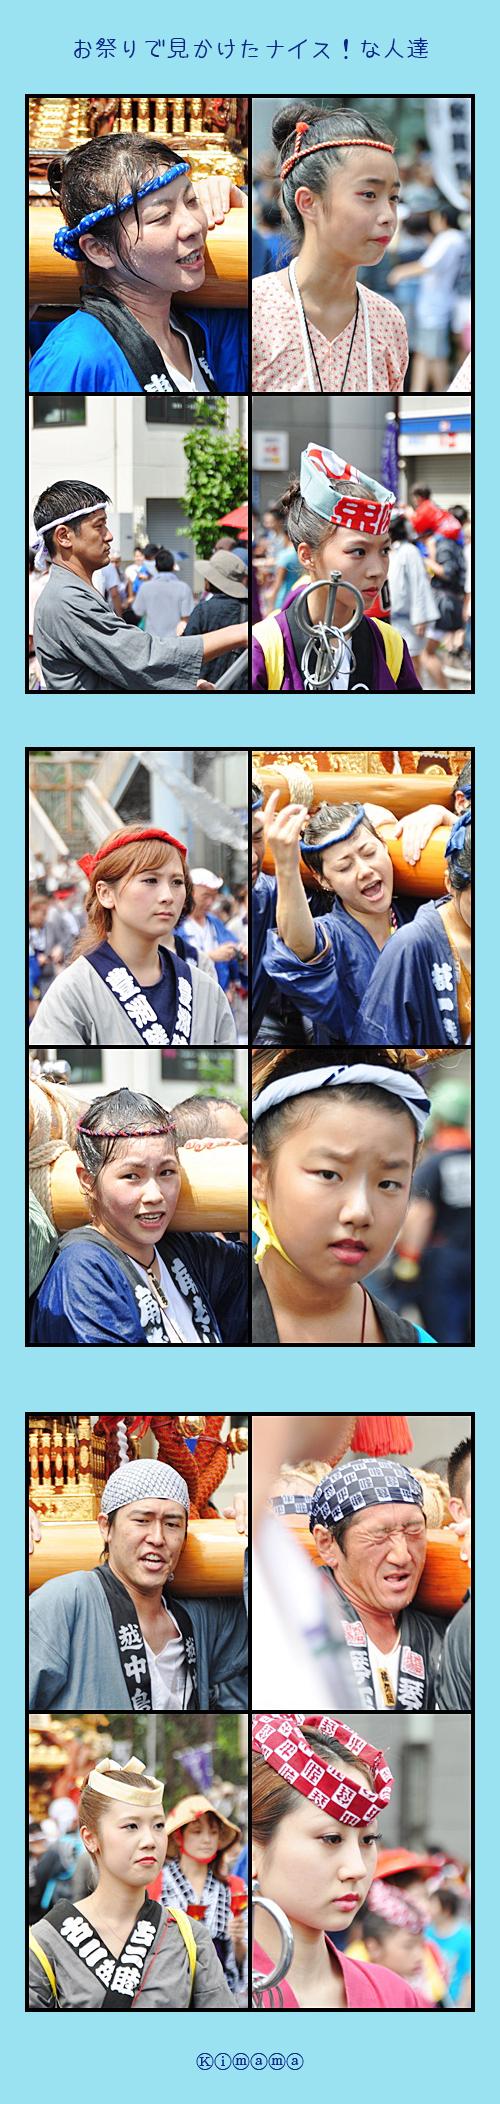 8月14日富岡八幡祭り2